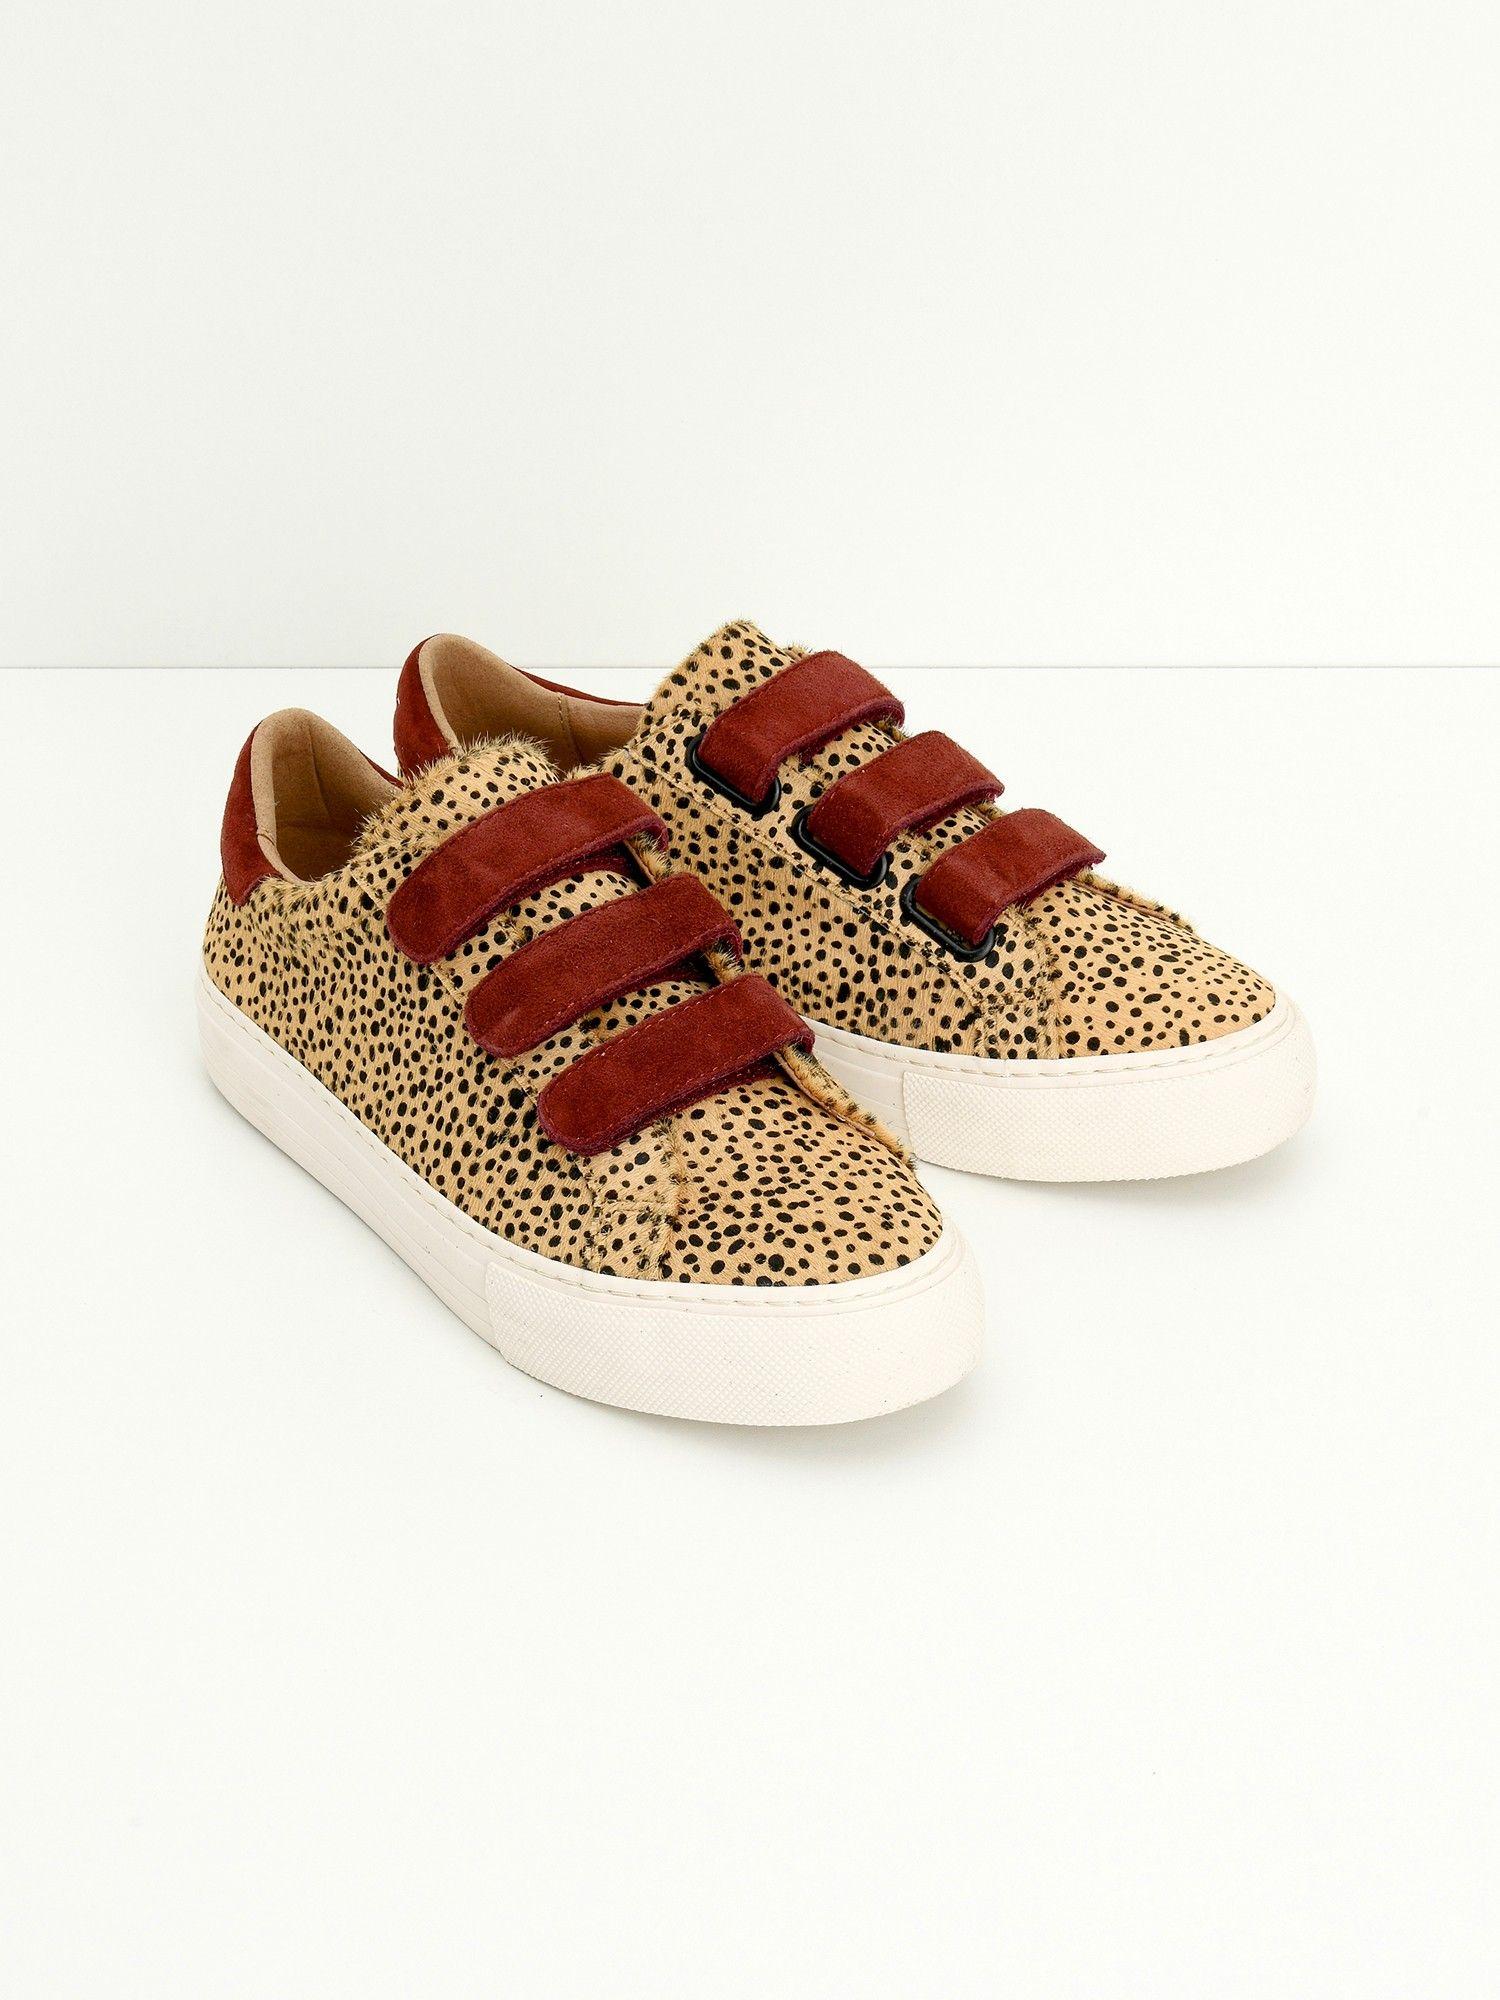 commande cool slippers pour femme chaussures en cuir pied de